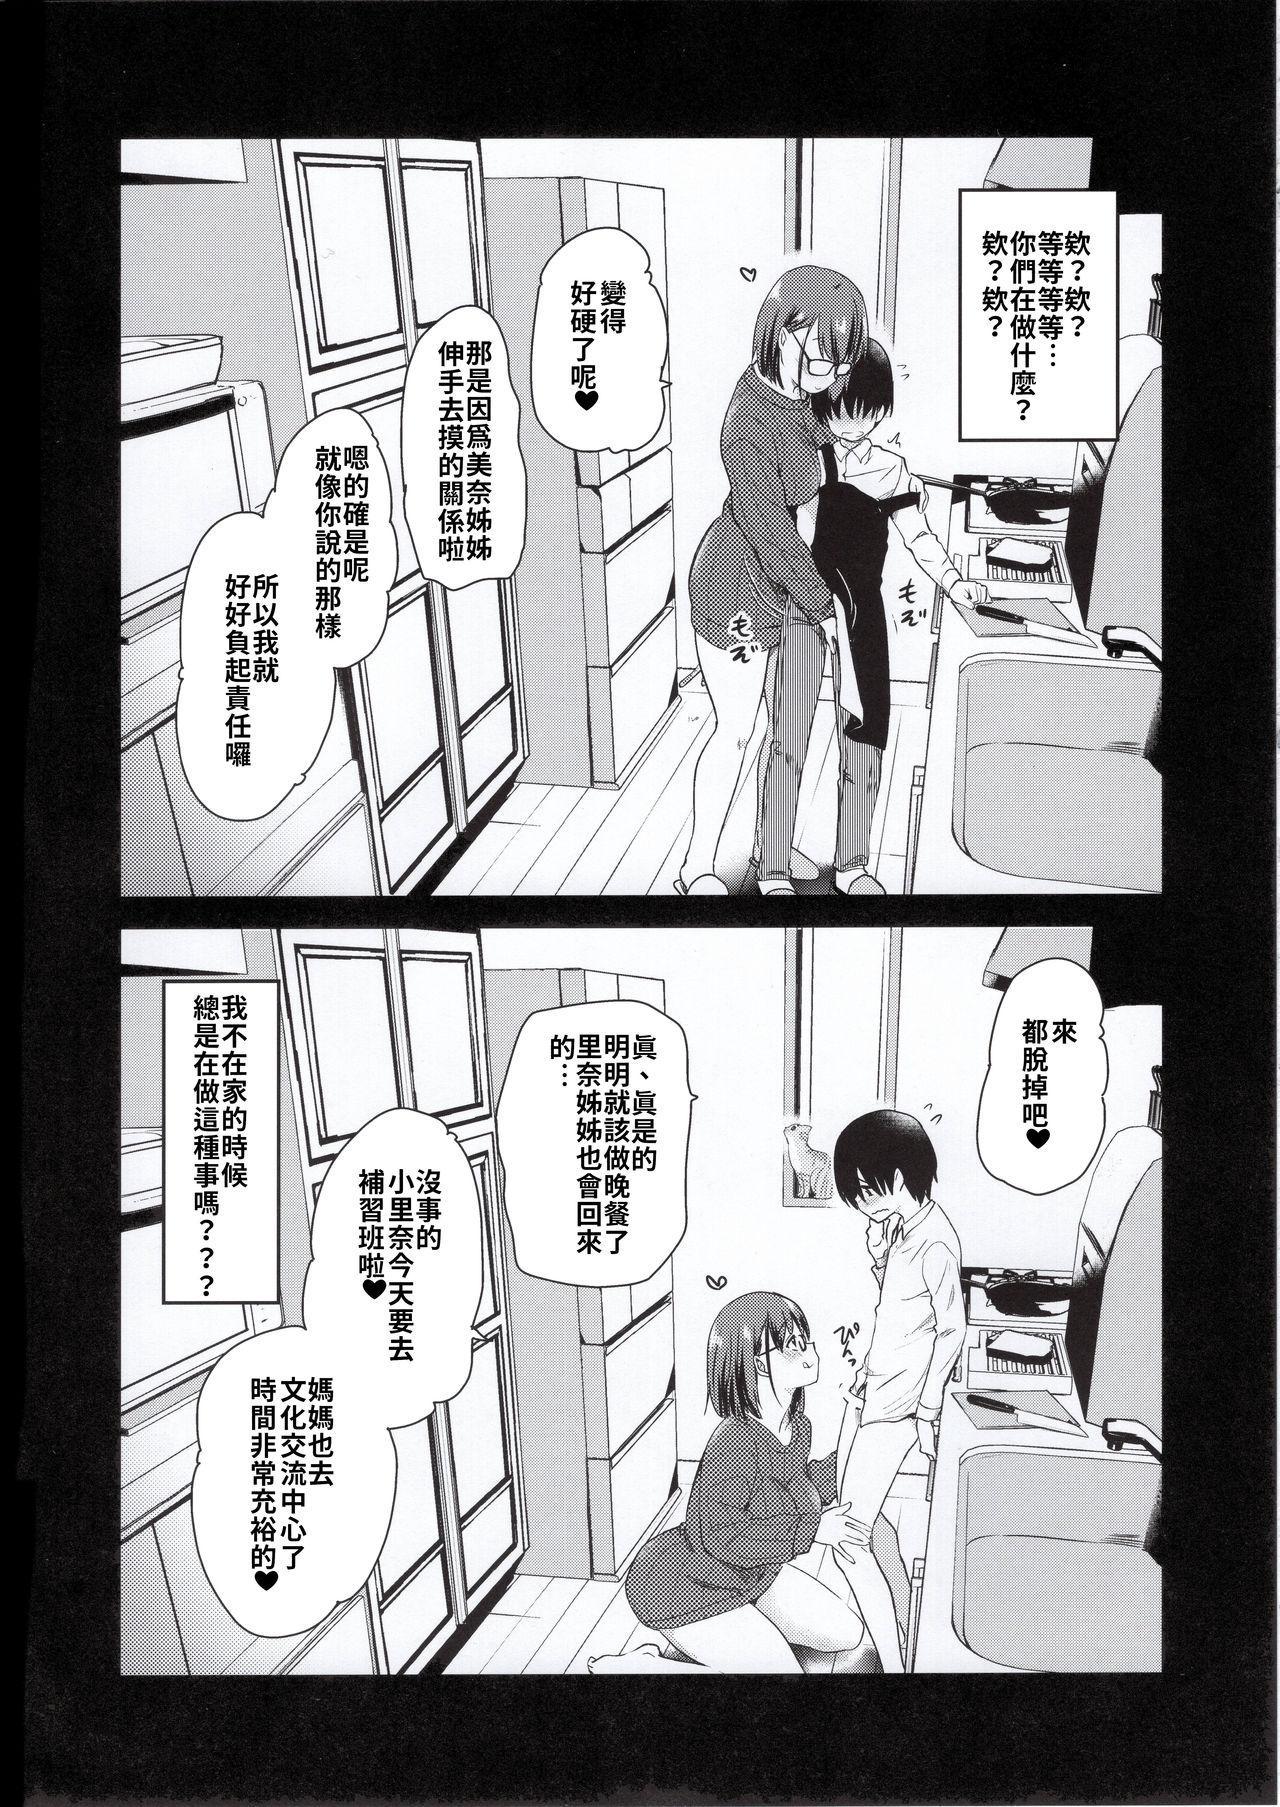 Pet Mimamori Camera ni Ane to Otouto no Sex ga Utsutteta. | 寵物監控拍到了姊姊與弟弟做愛的畫面。 6